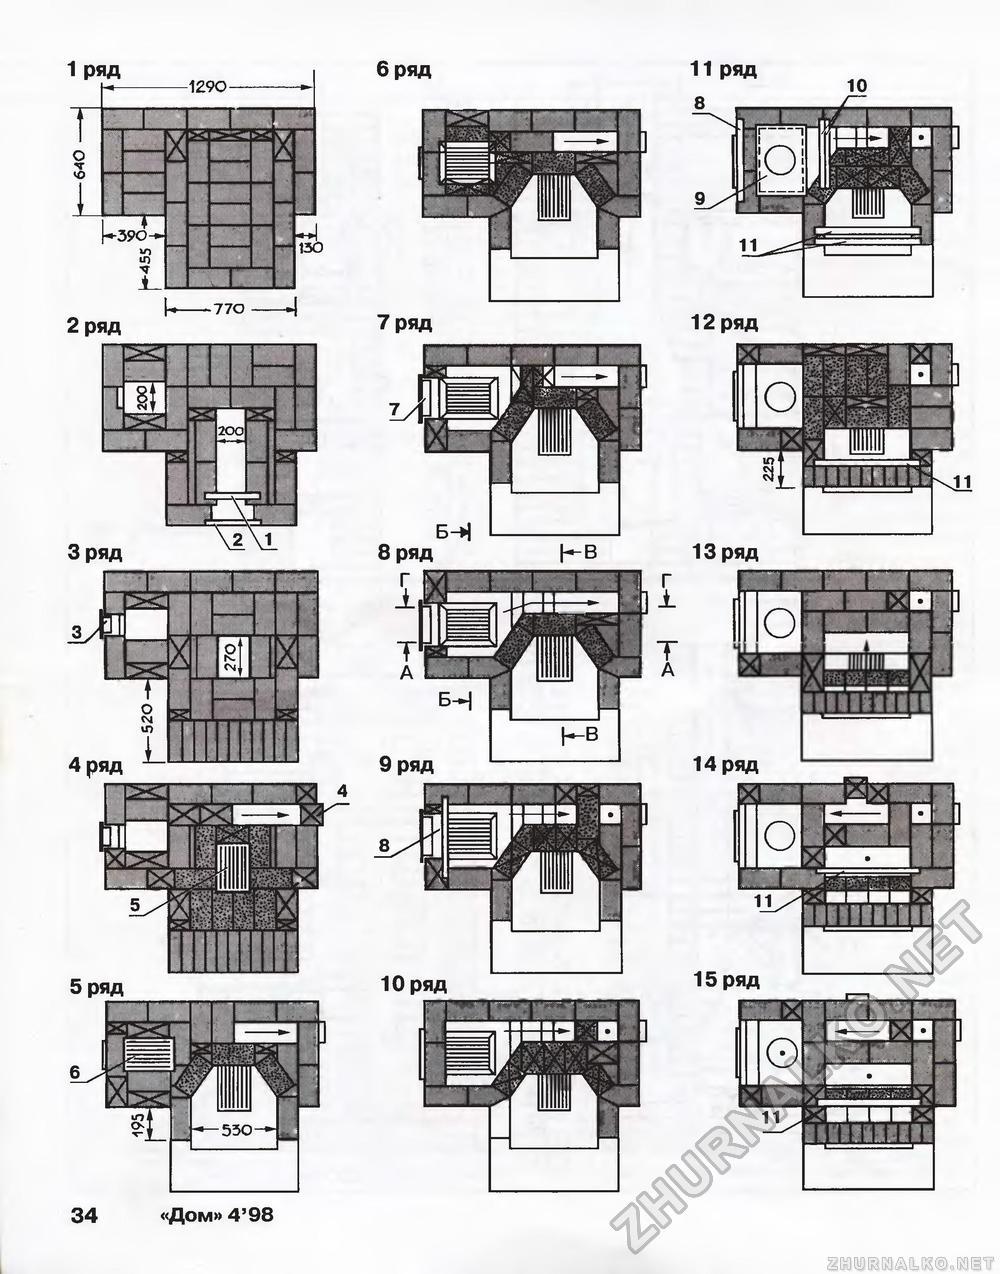 схема кладки печи голландки с плитой порядовка - Нужные схемы и описания для всех.